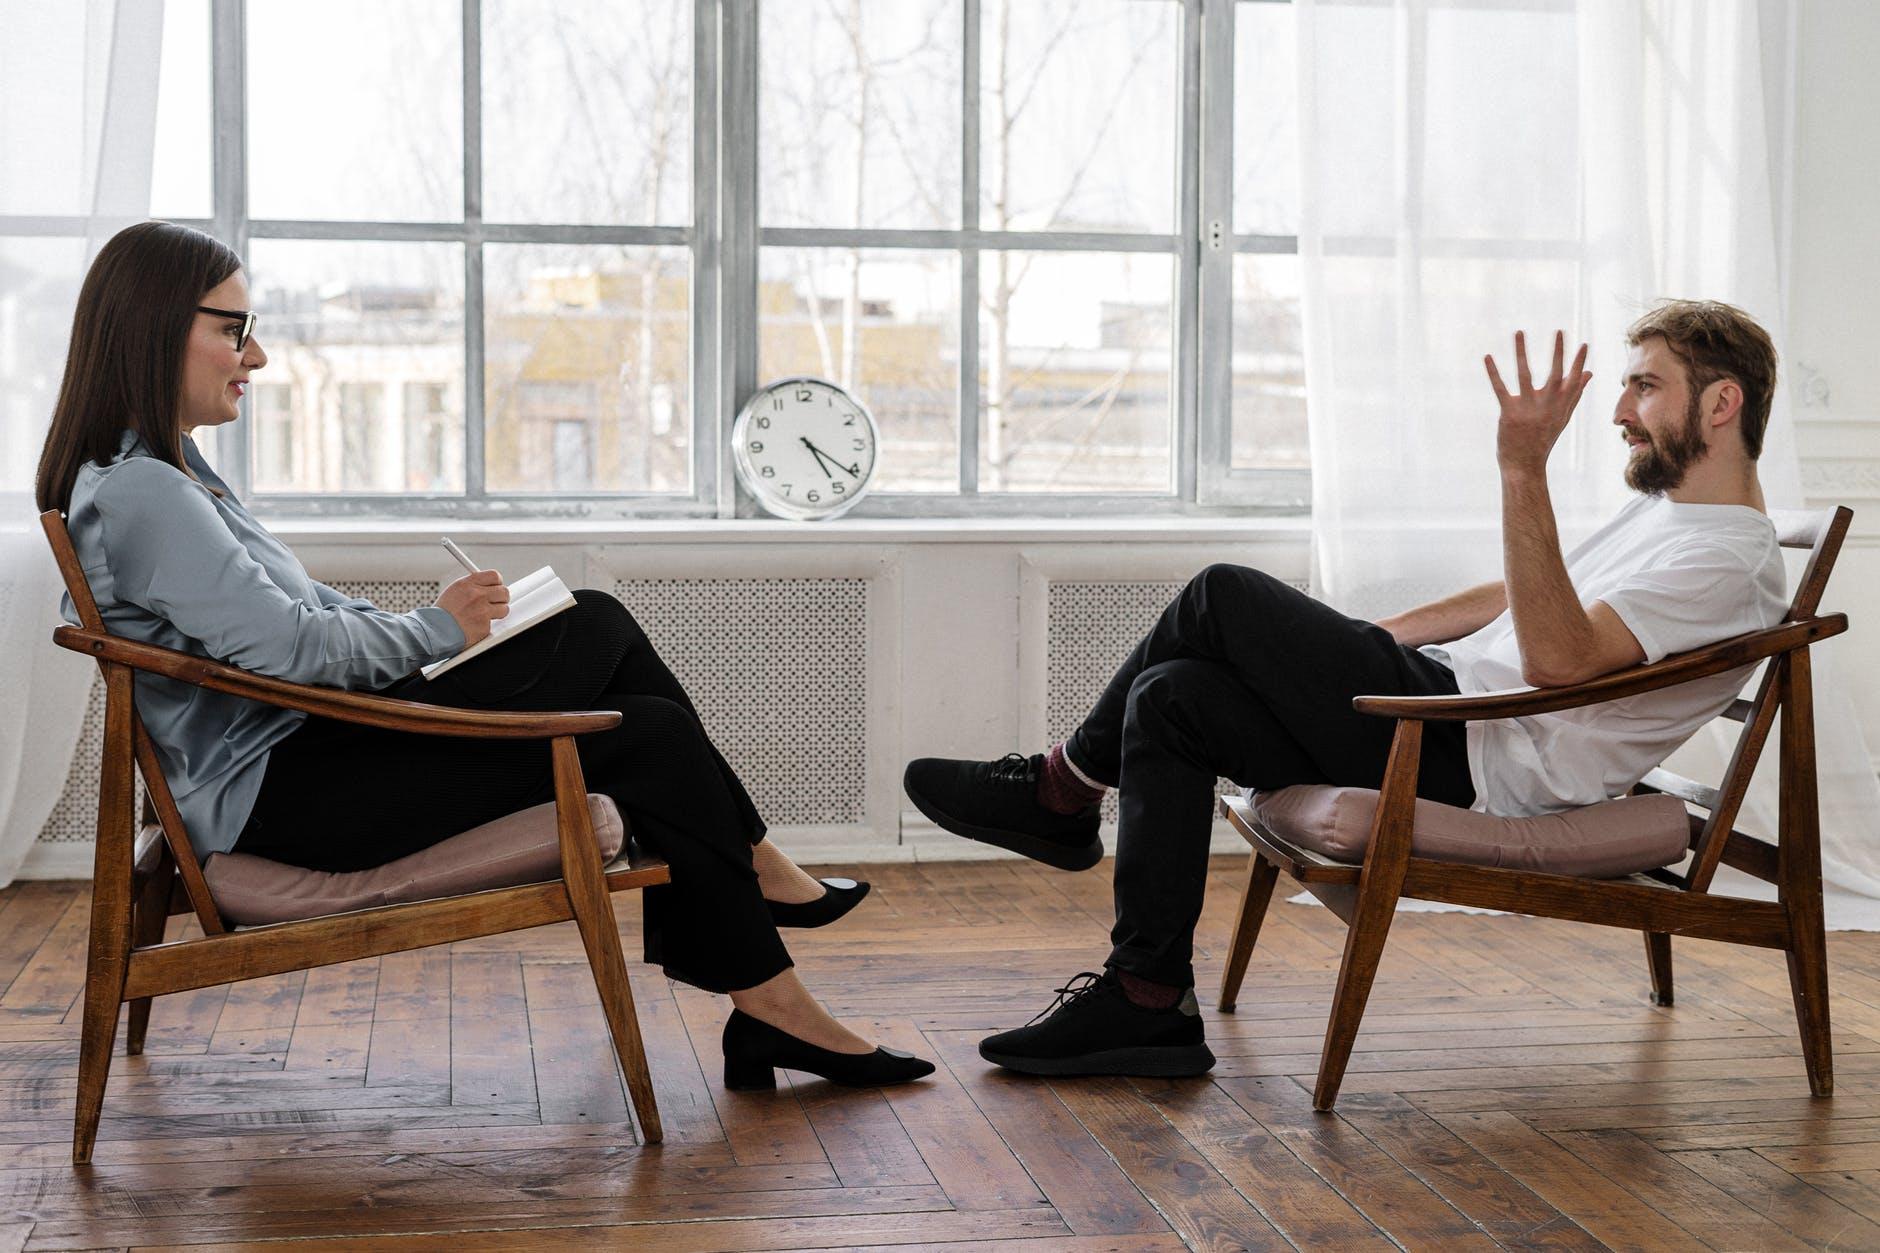 Terapia a Seduta Singola e sviluppo professionale: quando la TSS può rendere la professione dello psicologo più efficace!